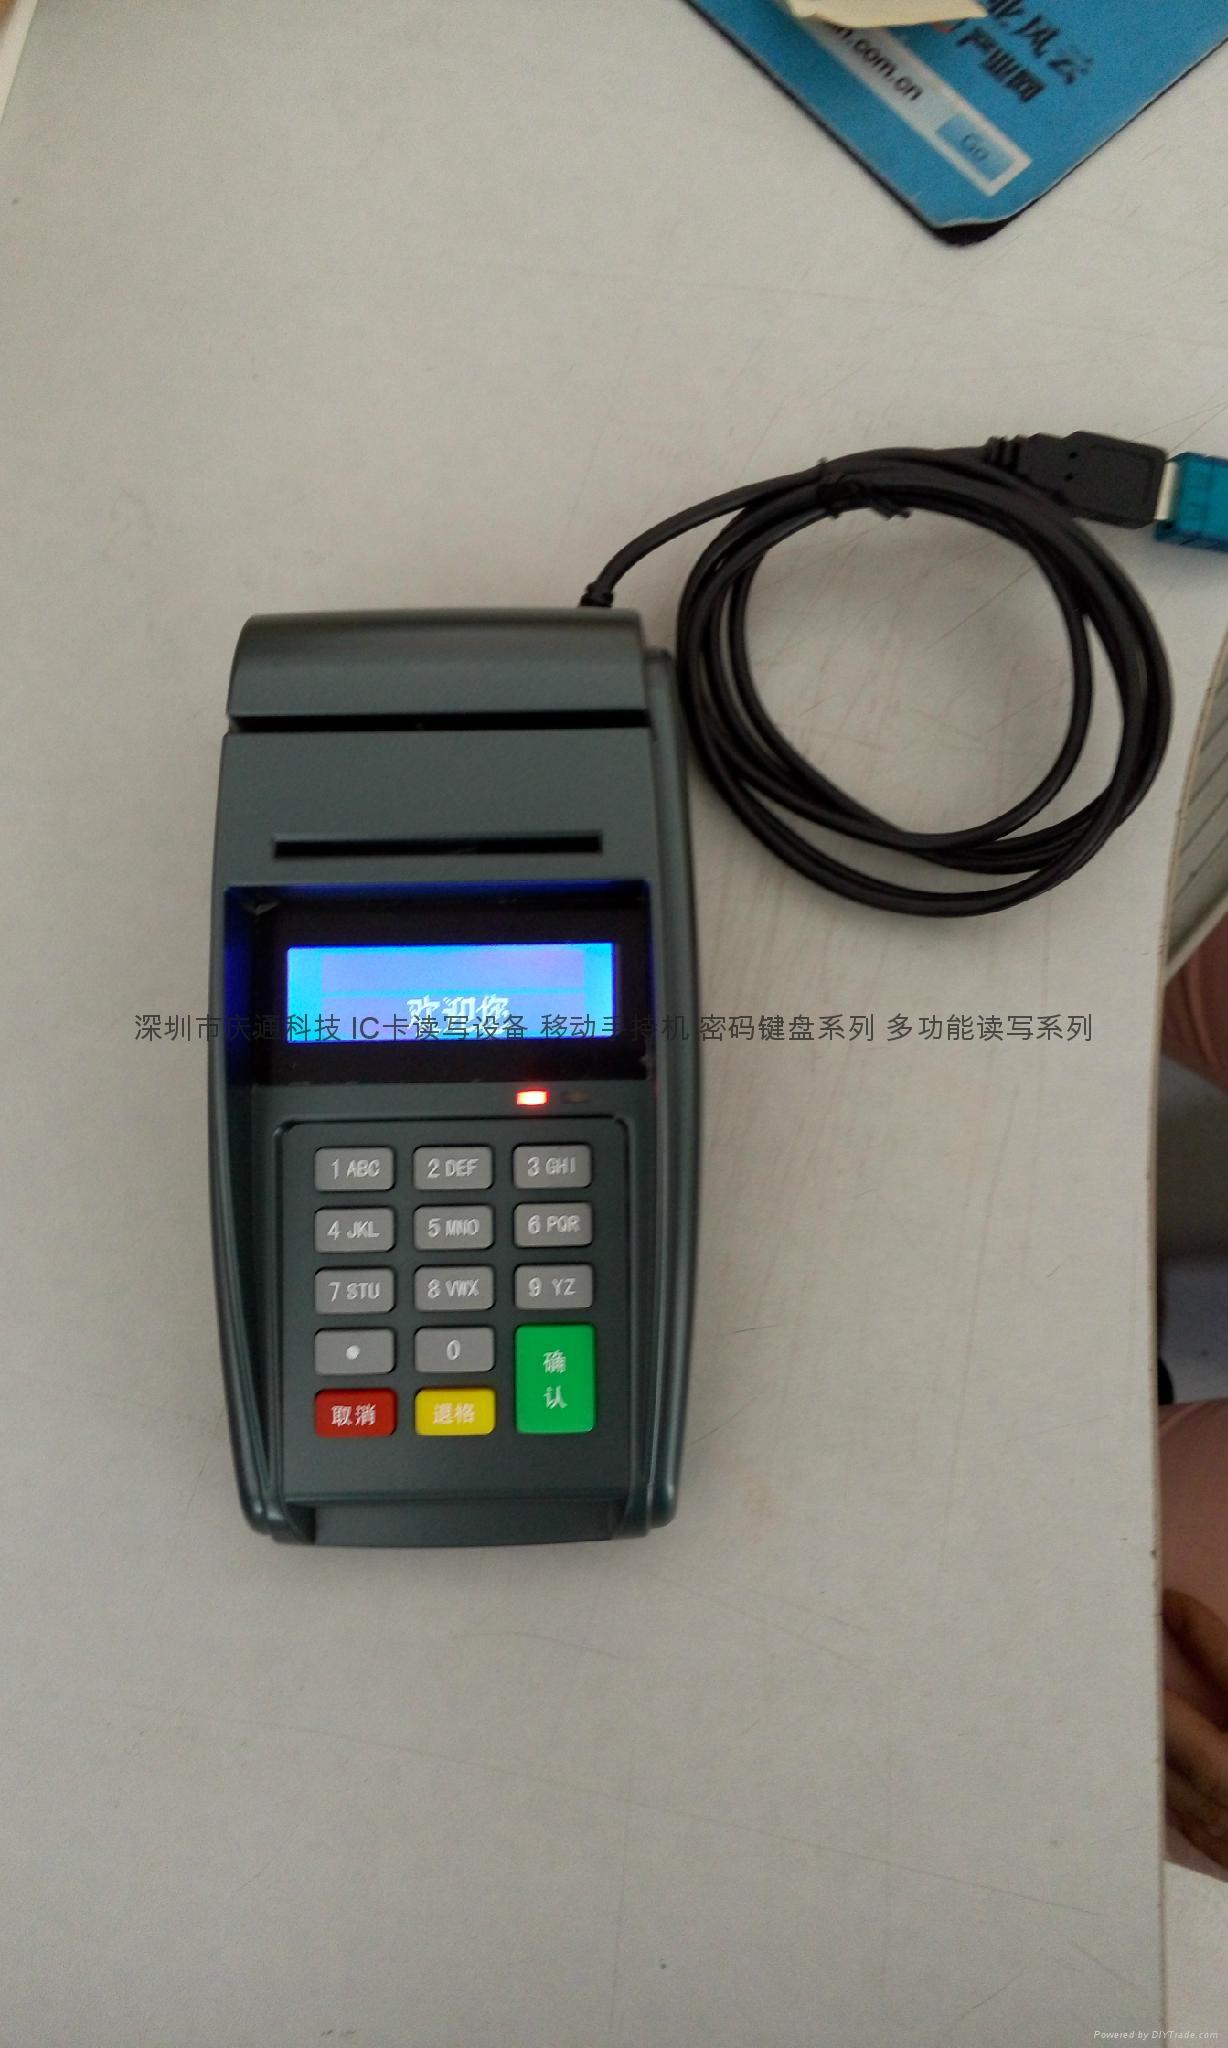 深圳慶通T9 多功能讀寫器RFID讀卡器廠家 3